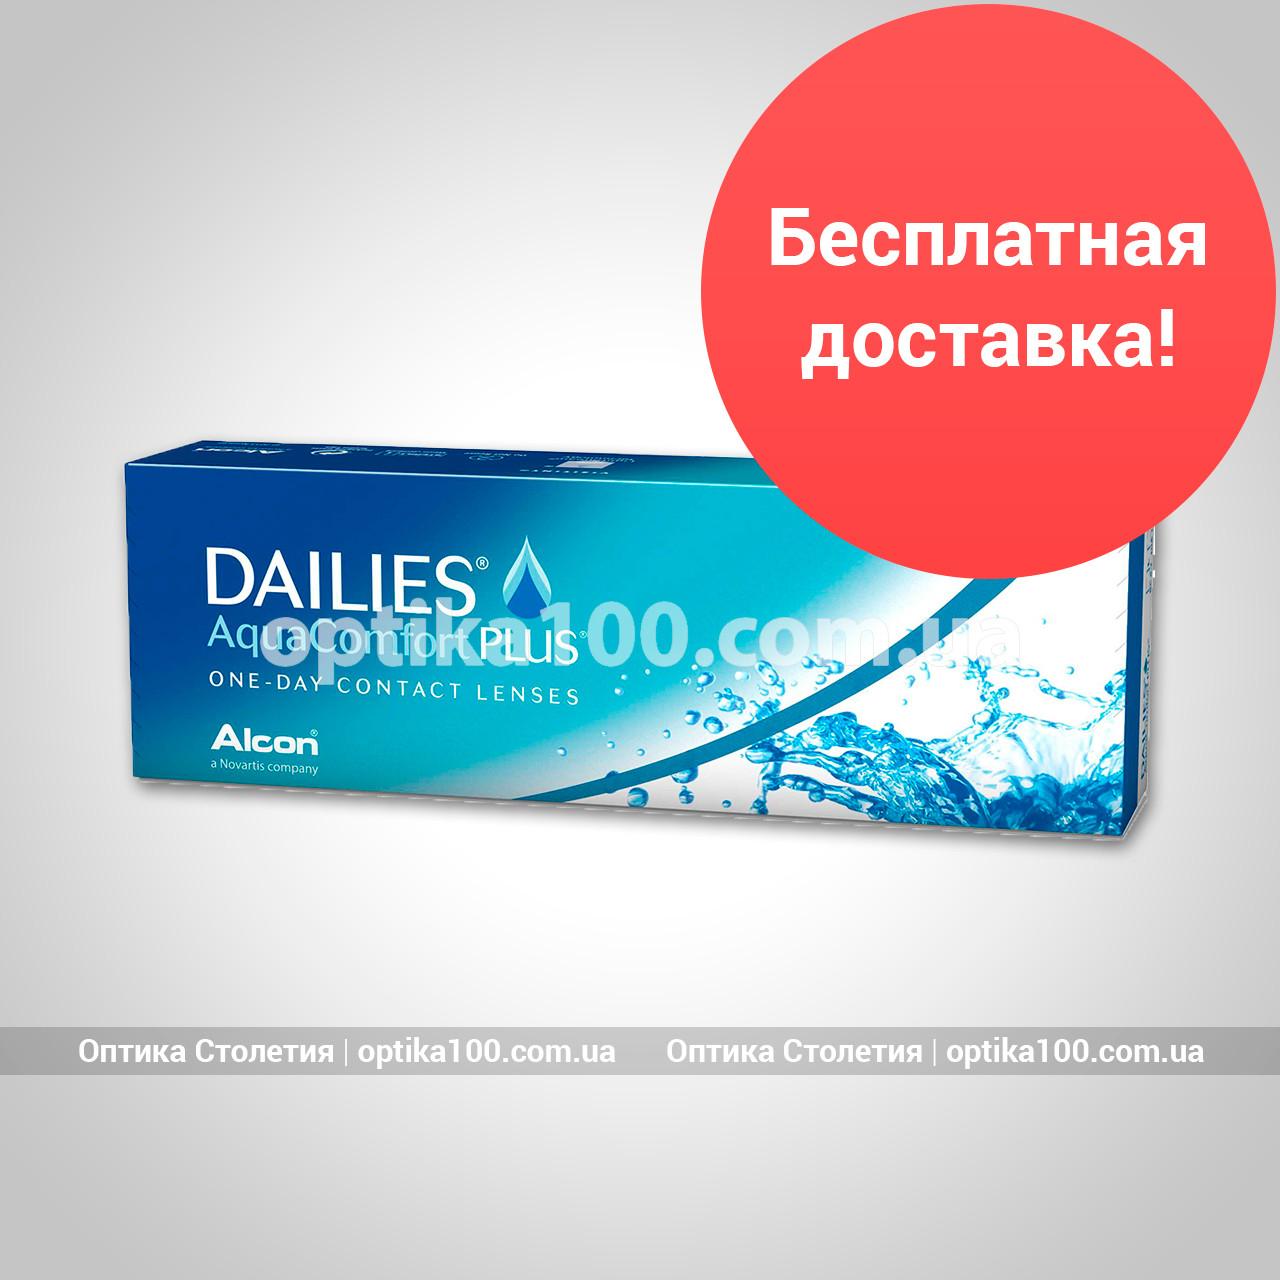 Контактные линзы Dailies AquaСomfort Plus. 30 шт